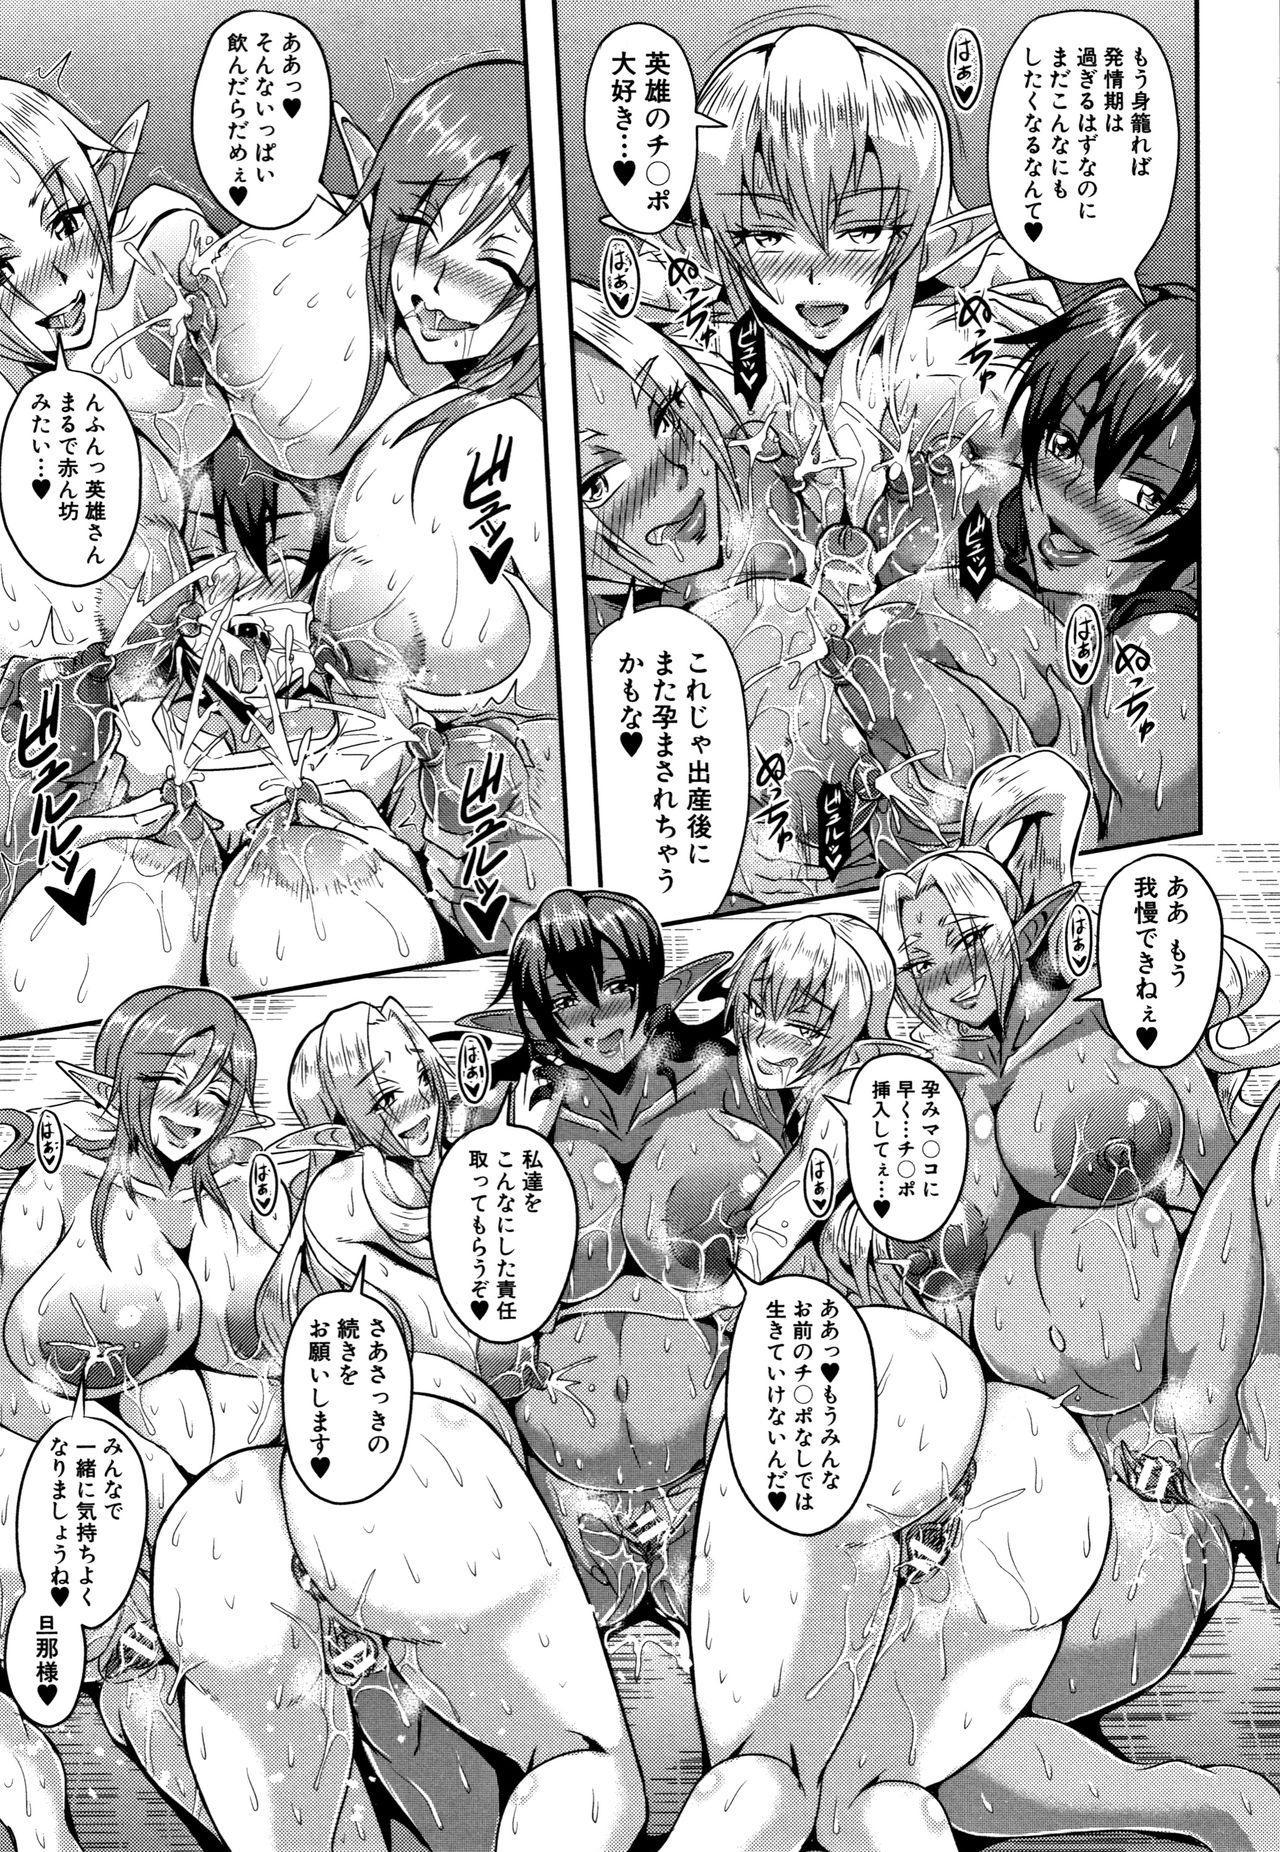 Elf Harem Monogatari - Elf Harem Story 42